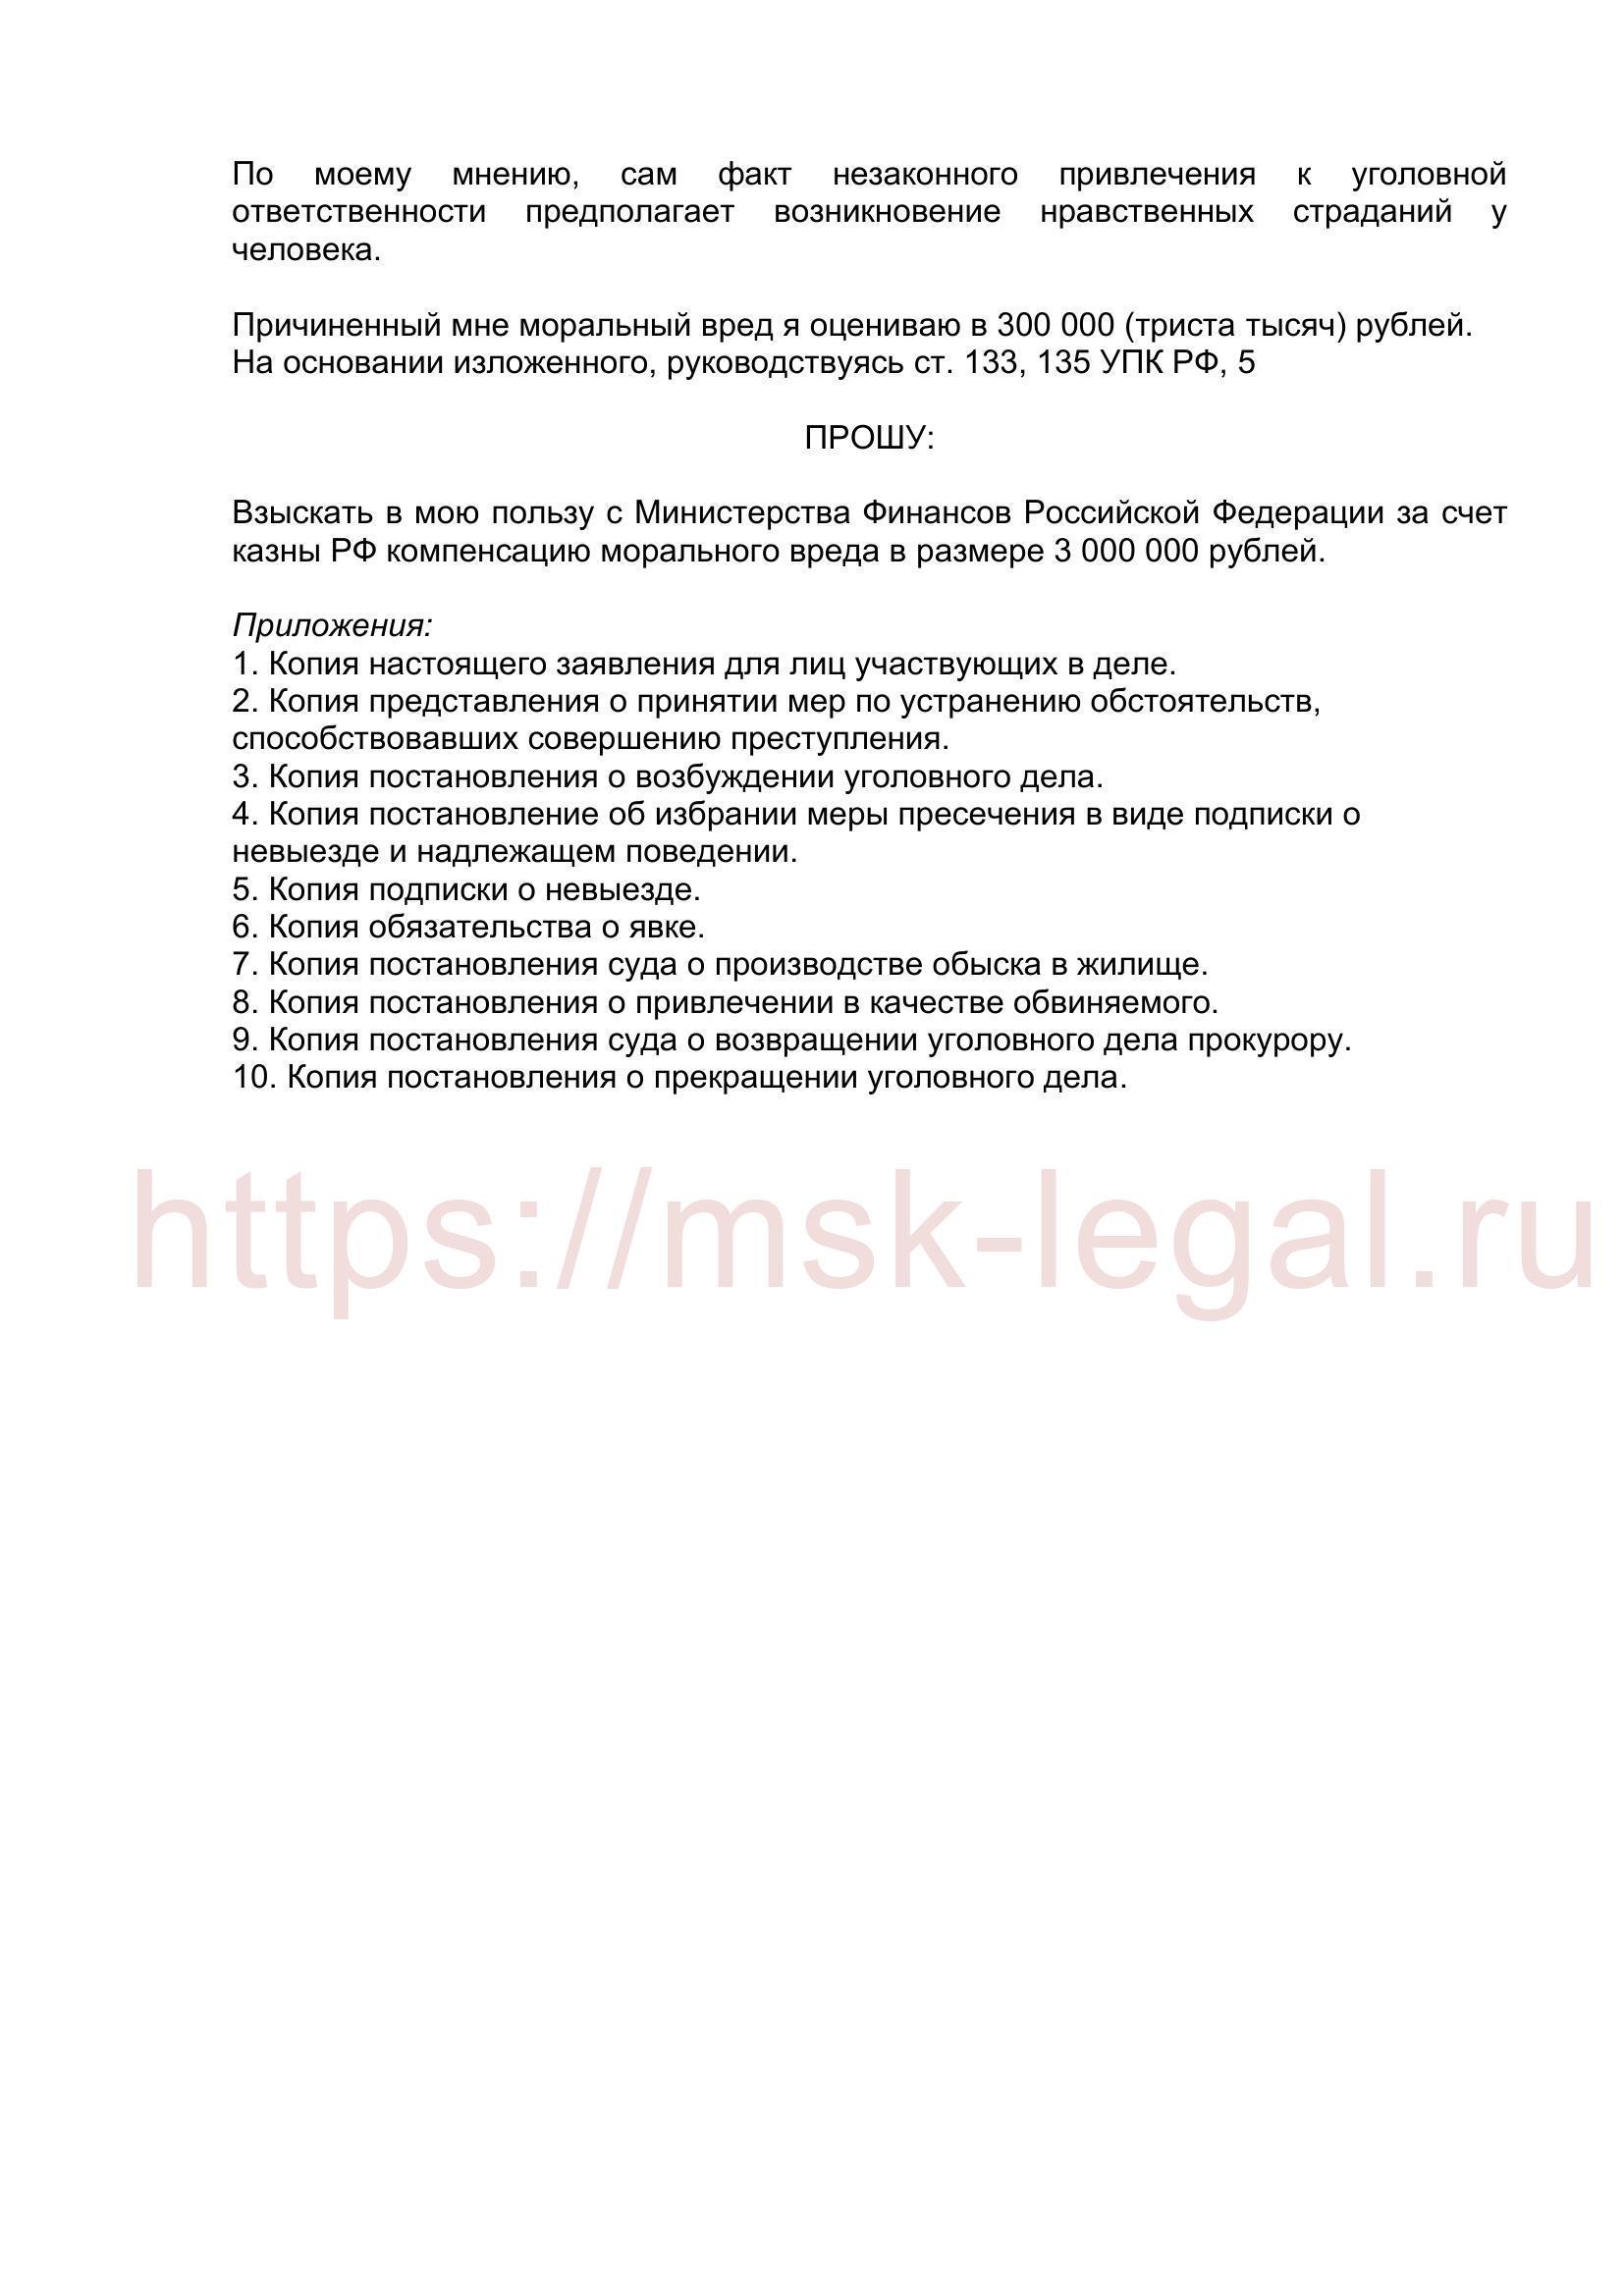 Исковое заявление о взыскании компенсации морального вреда оправданному (лицу, подвергшемуся незаконному уголовному преследованию)